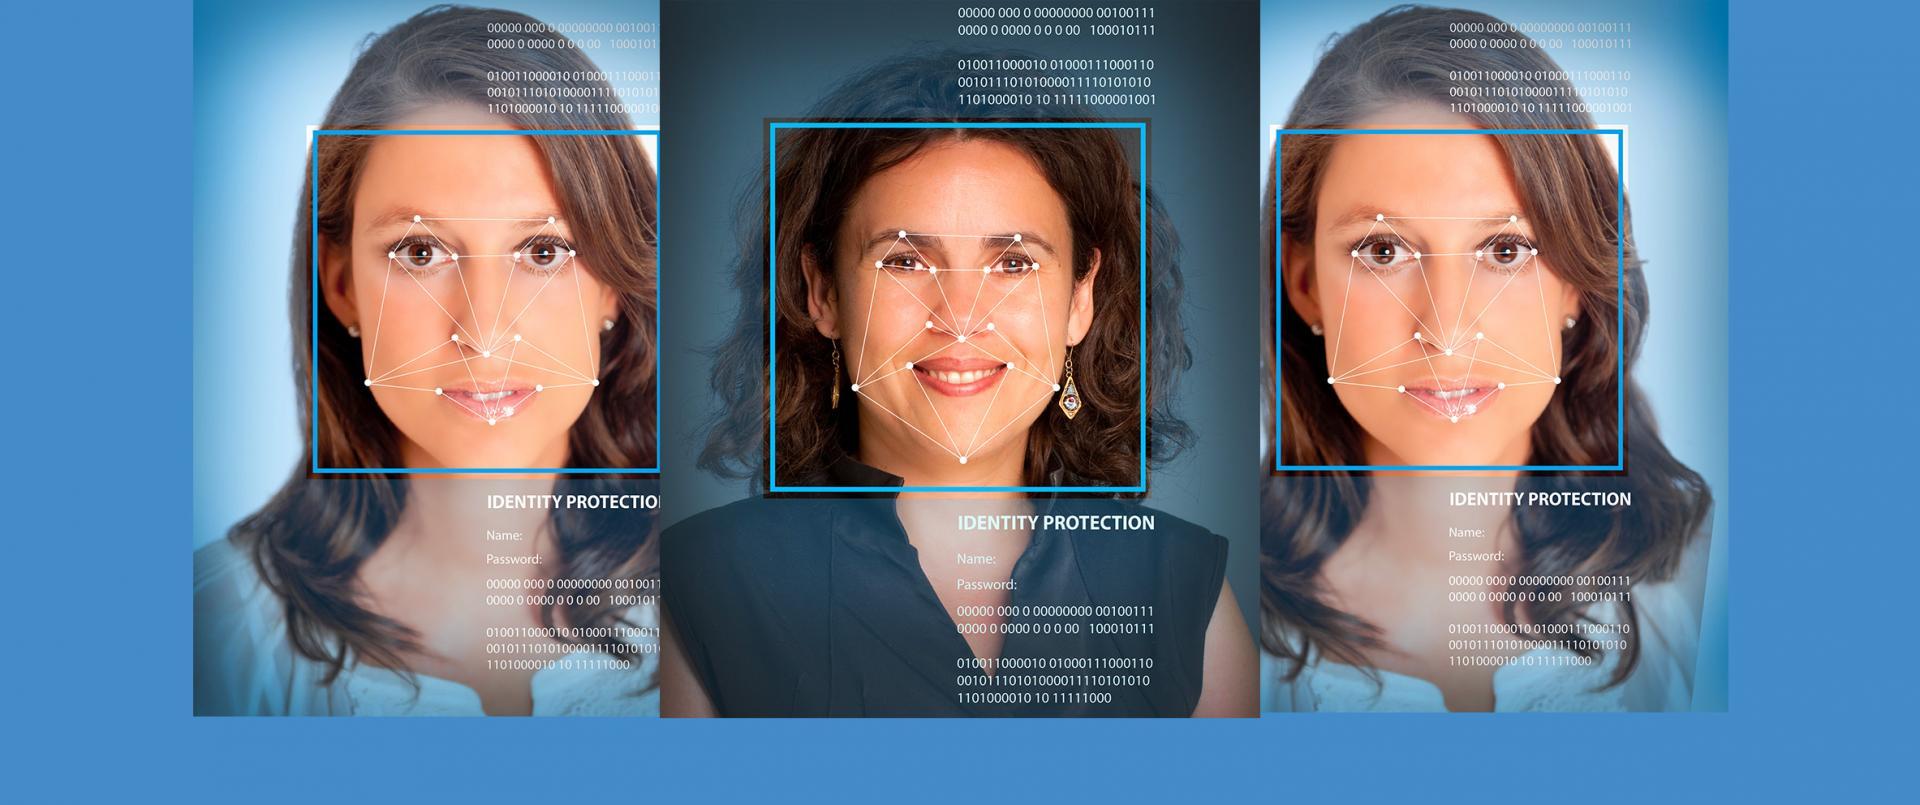 Riconoscimento facciale, Facebook ora chiede il consenso